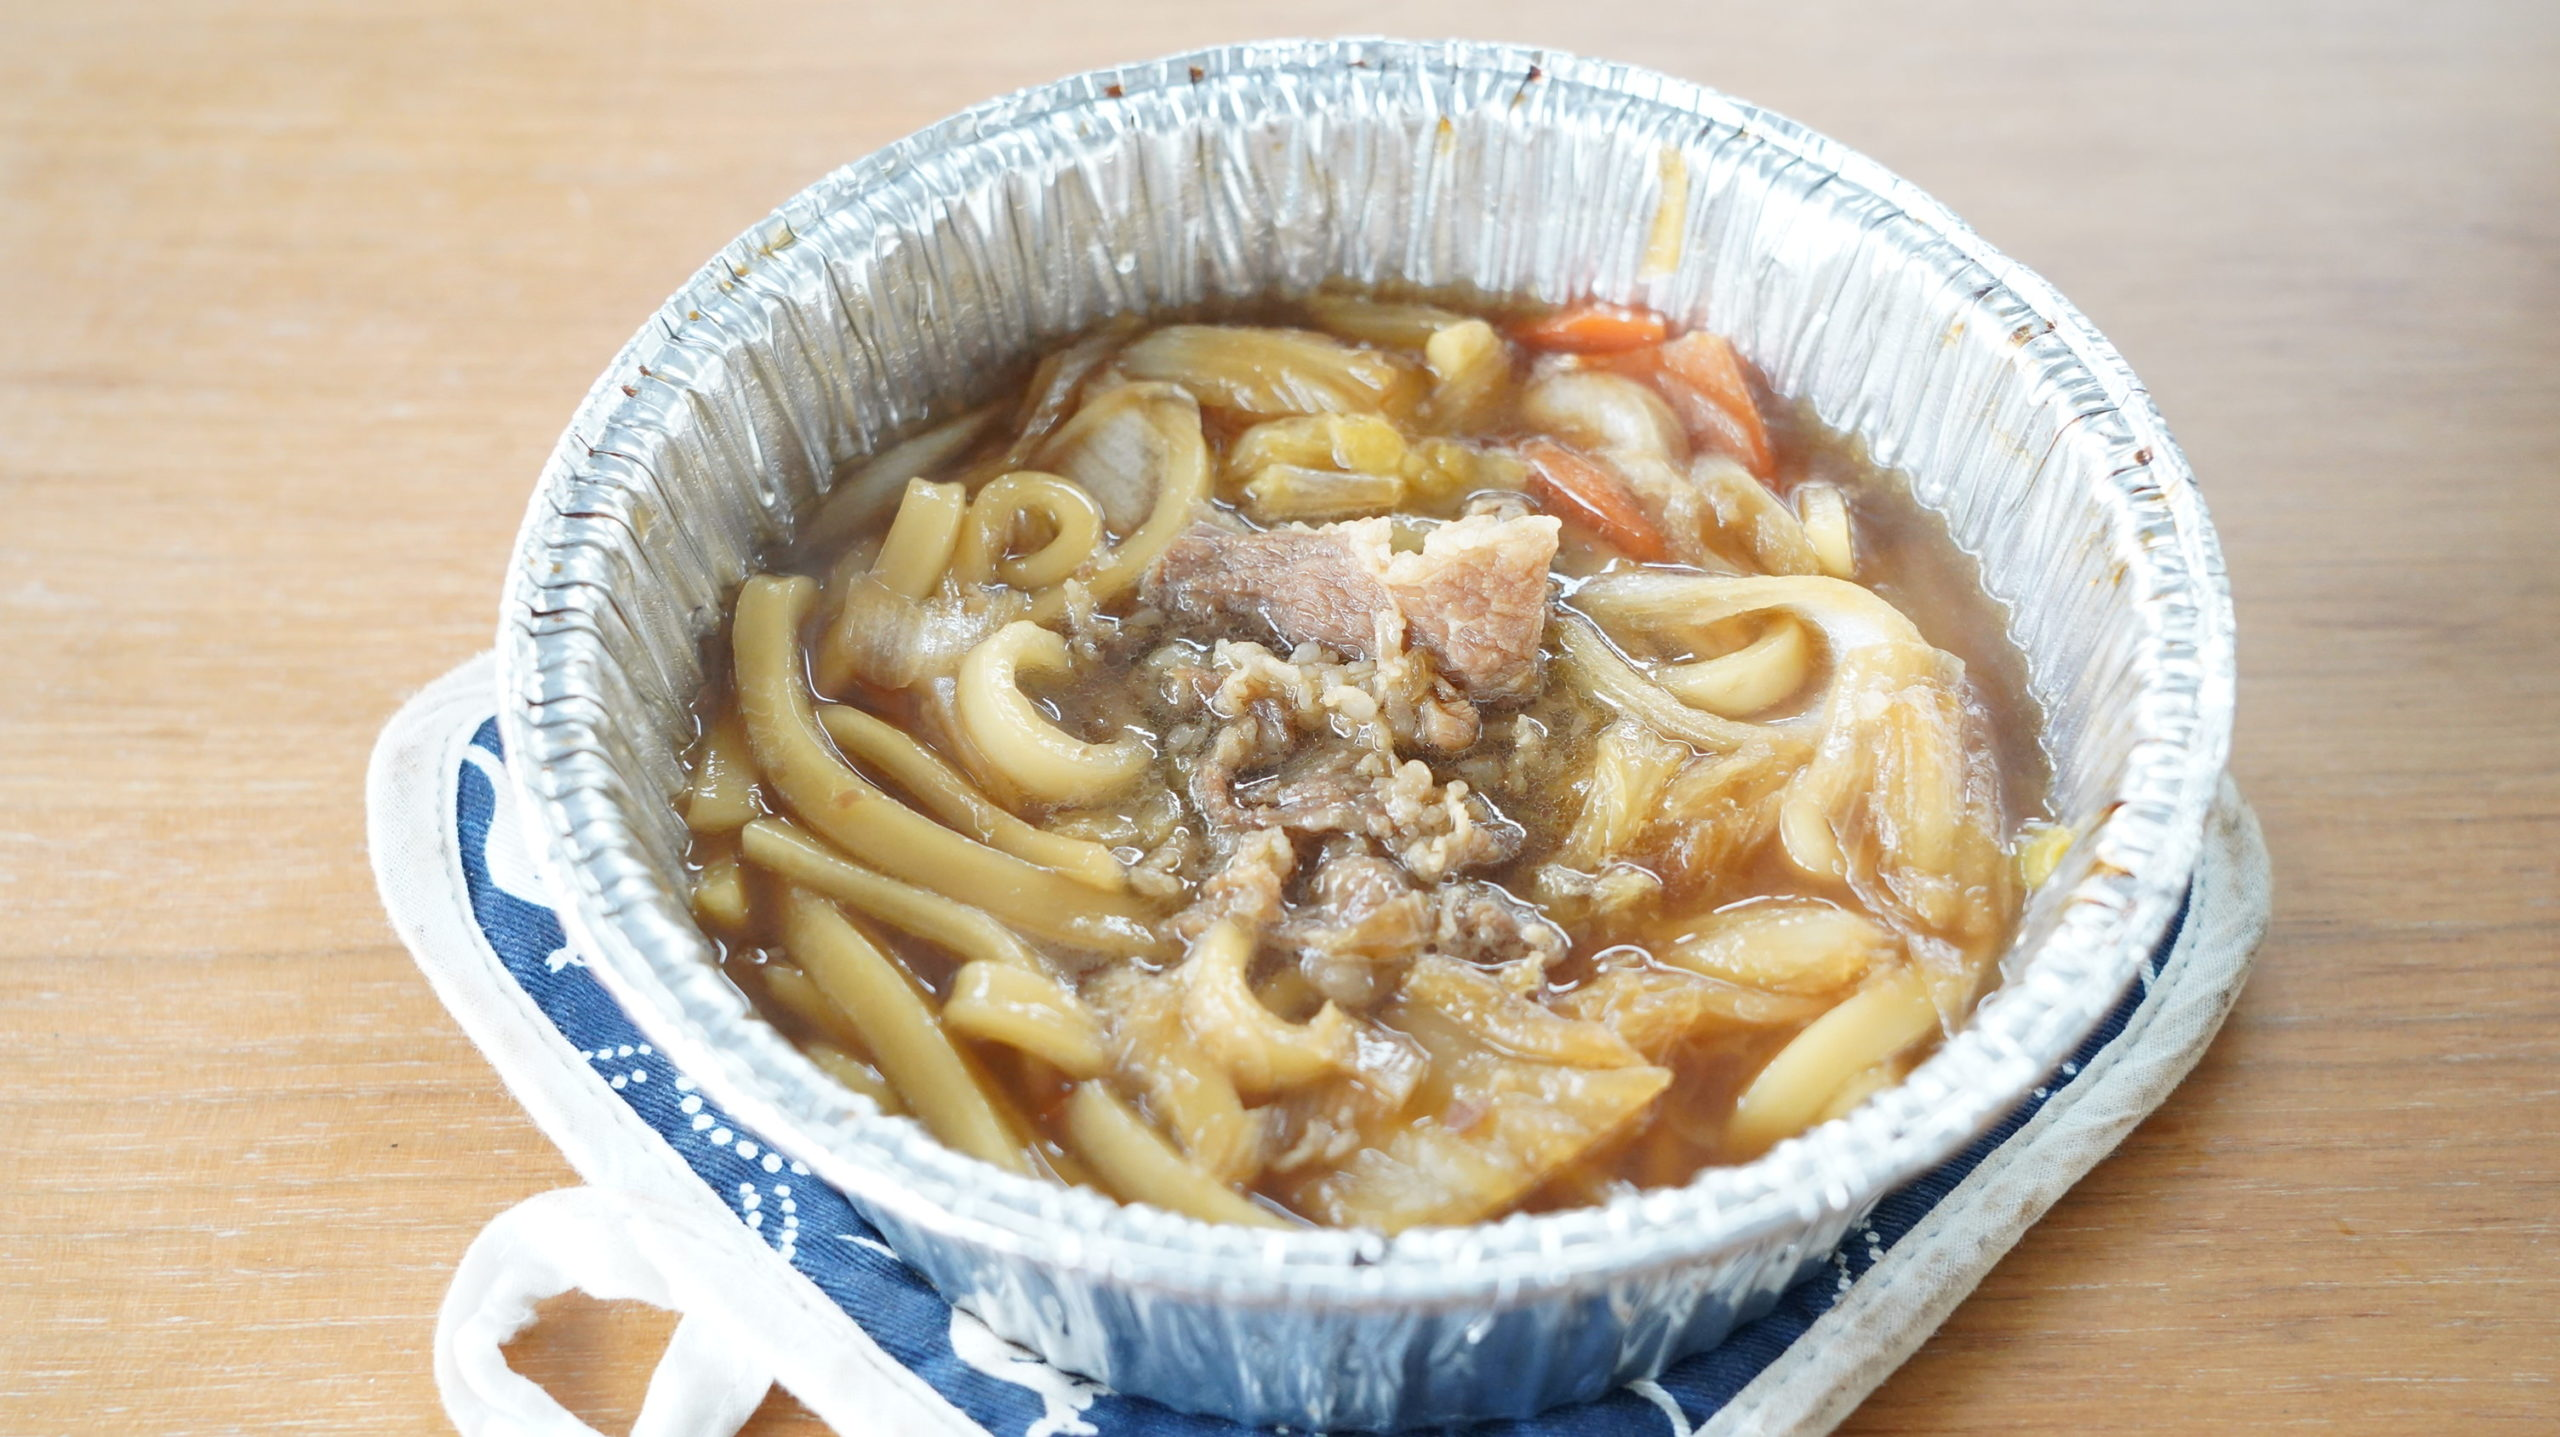 ファミリーマートの冷凍食品「牛肉の旨味!牛すき焼き鍋(うどん入り)」の中身の写真